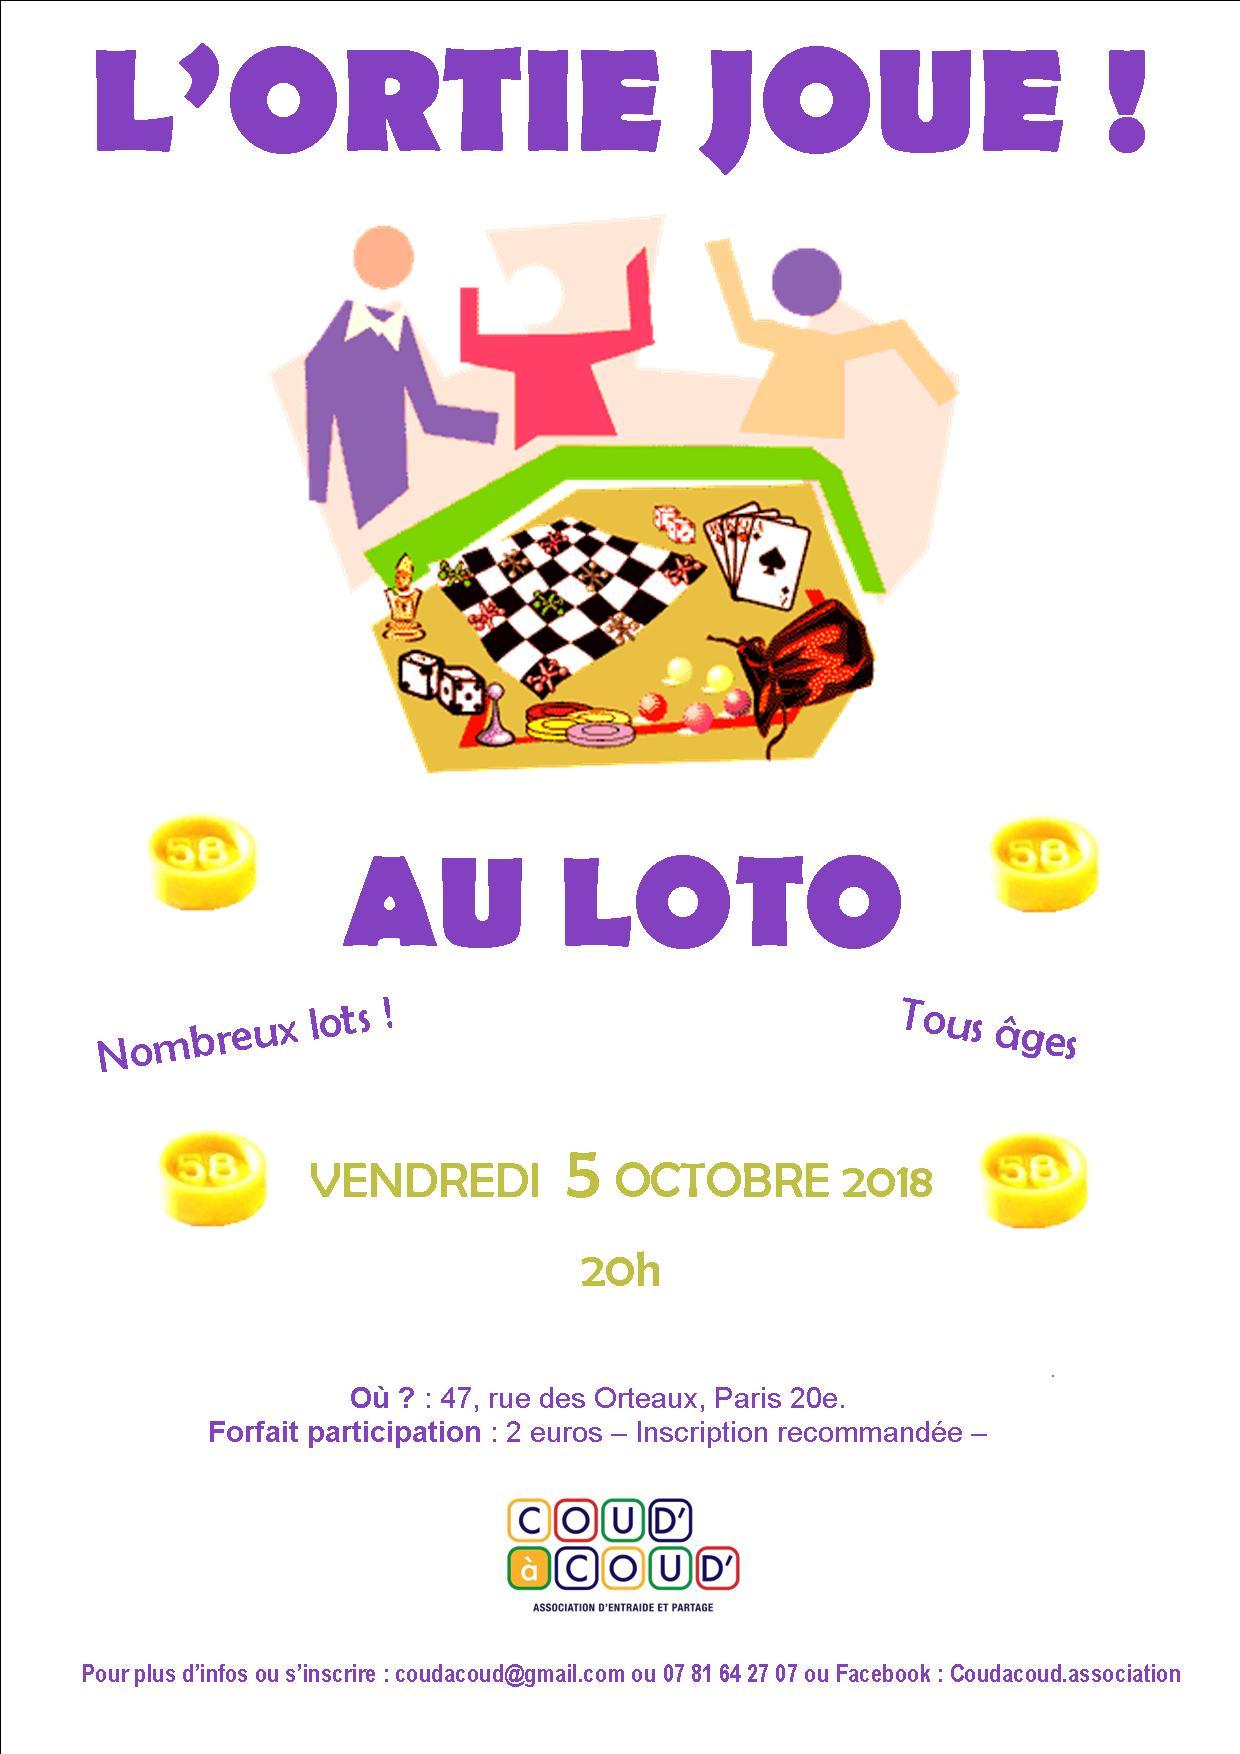 L'Ortie joue au LOTO @ L'Ortie Roule | Paris | Île-de-France | France